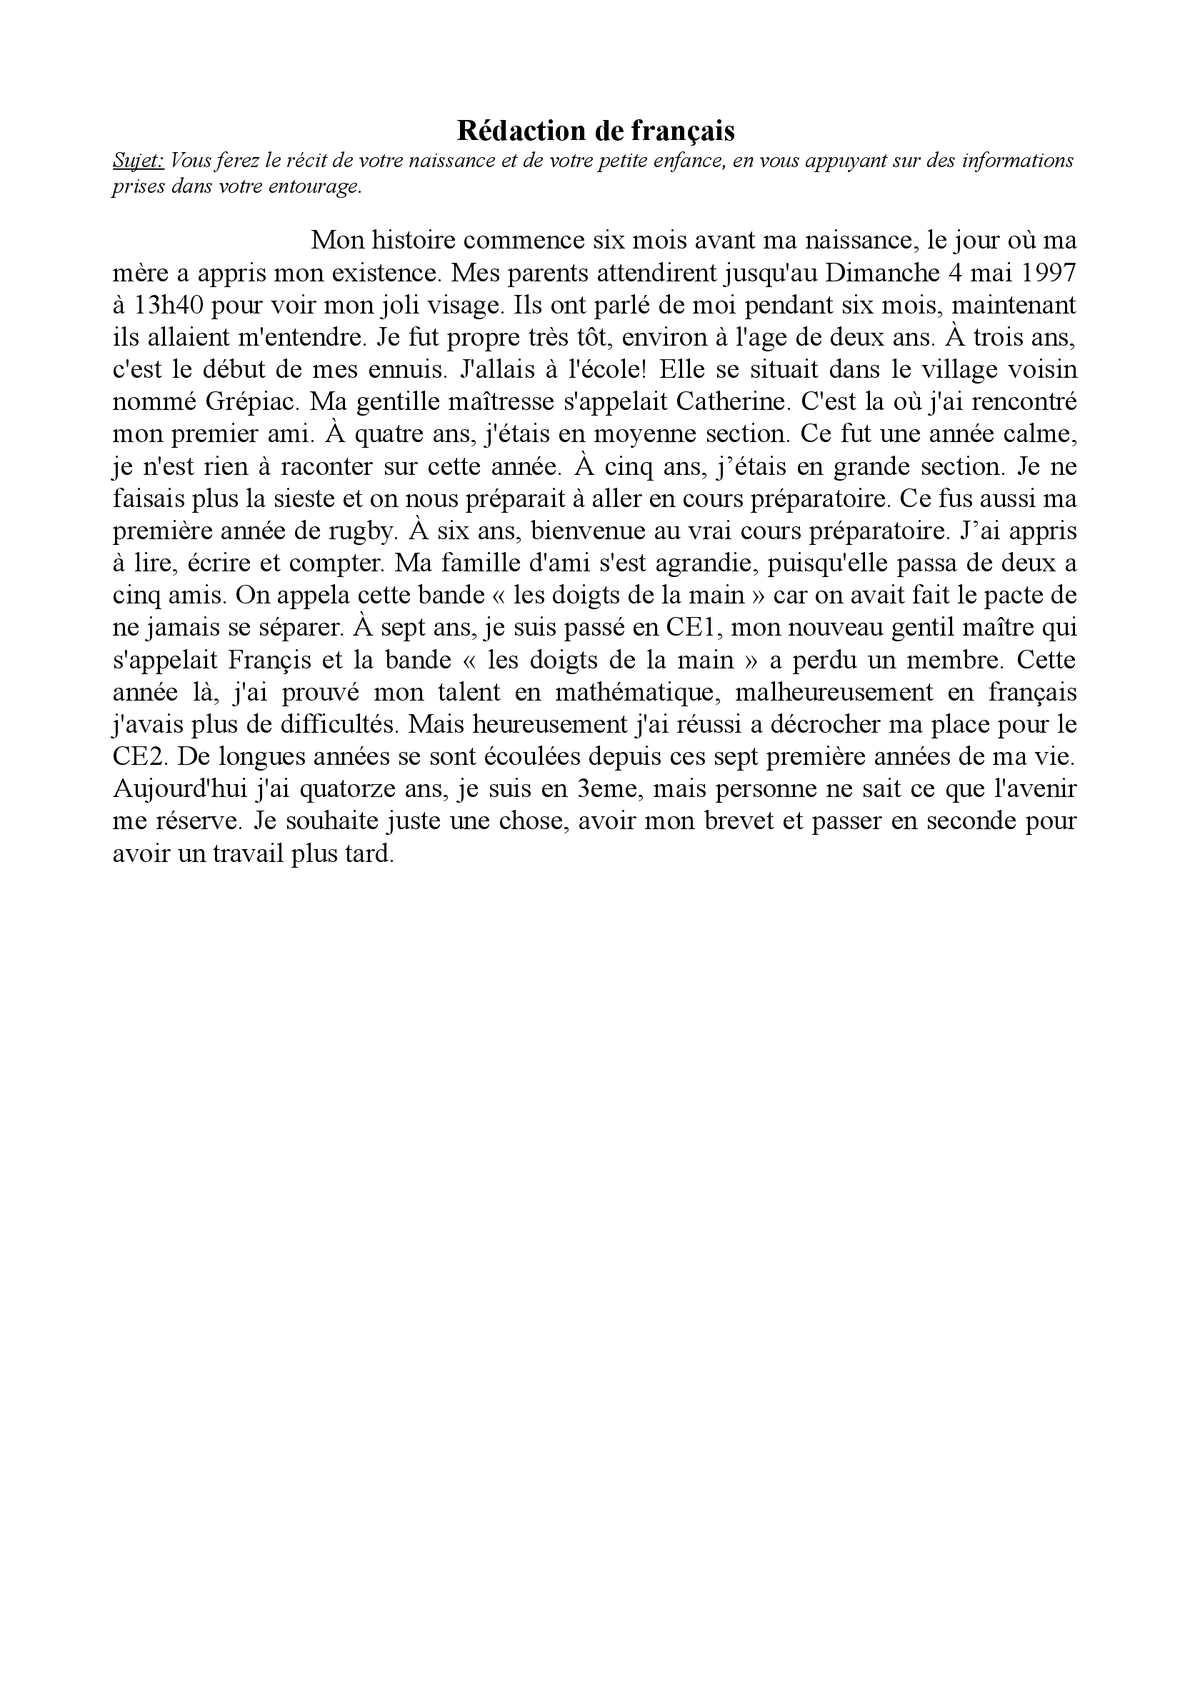 Brevet 2014 : Sujets et corrigés de l'épreuve de français